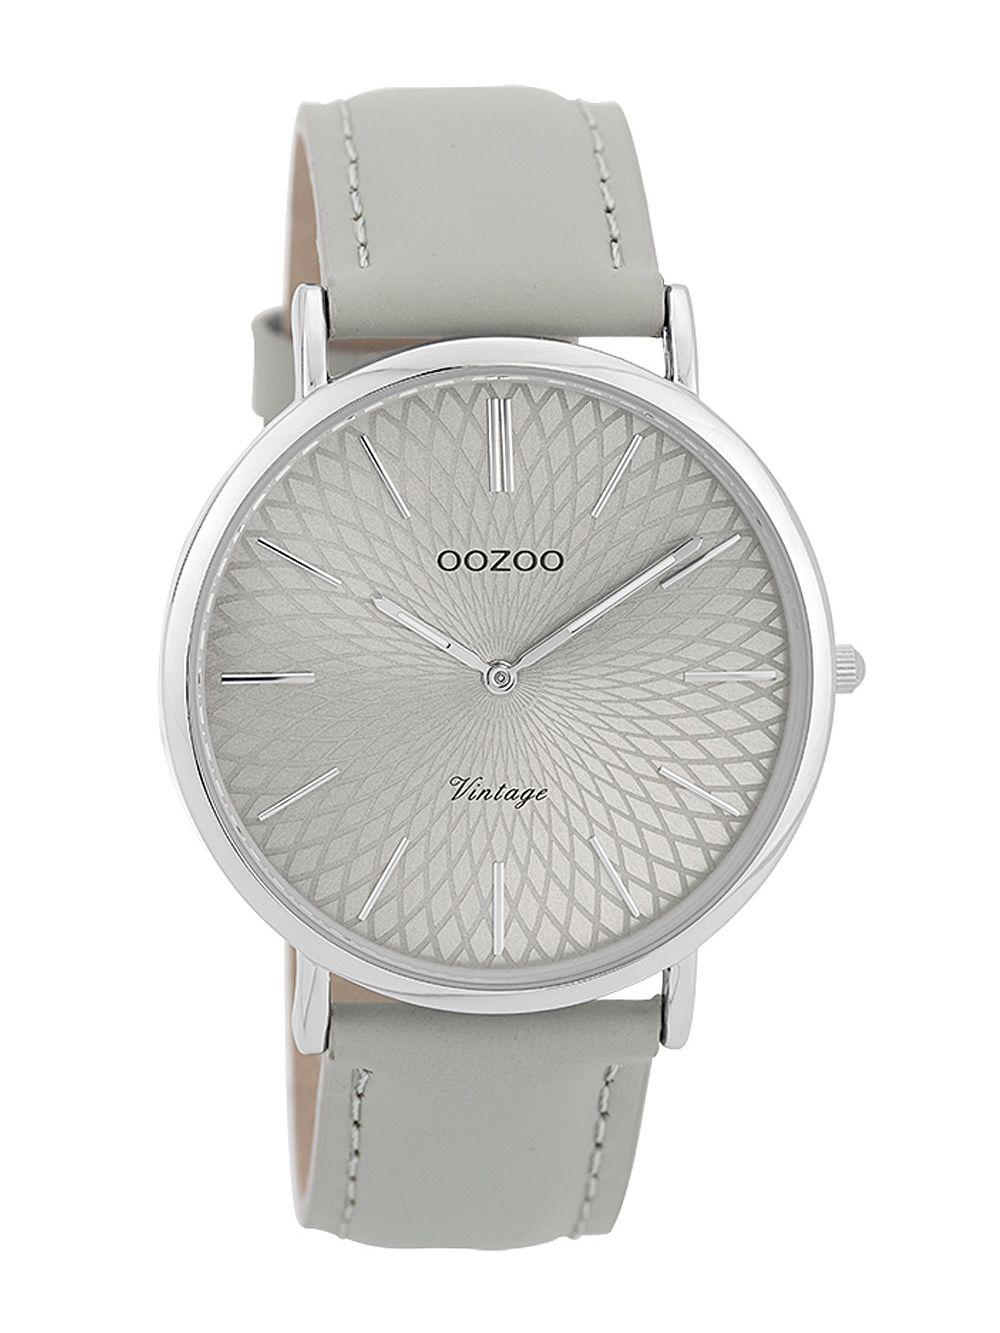 2ed06cf6d OOZOO Ladies' Watch Vintage Silver-Coloured/Grey 40 mm C9333